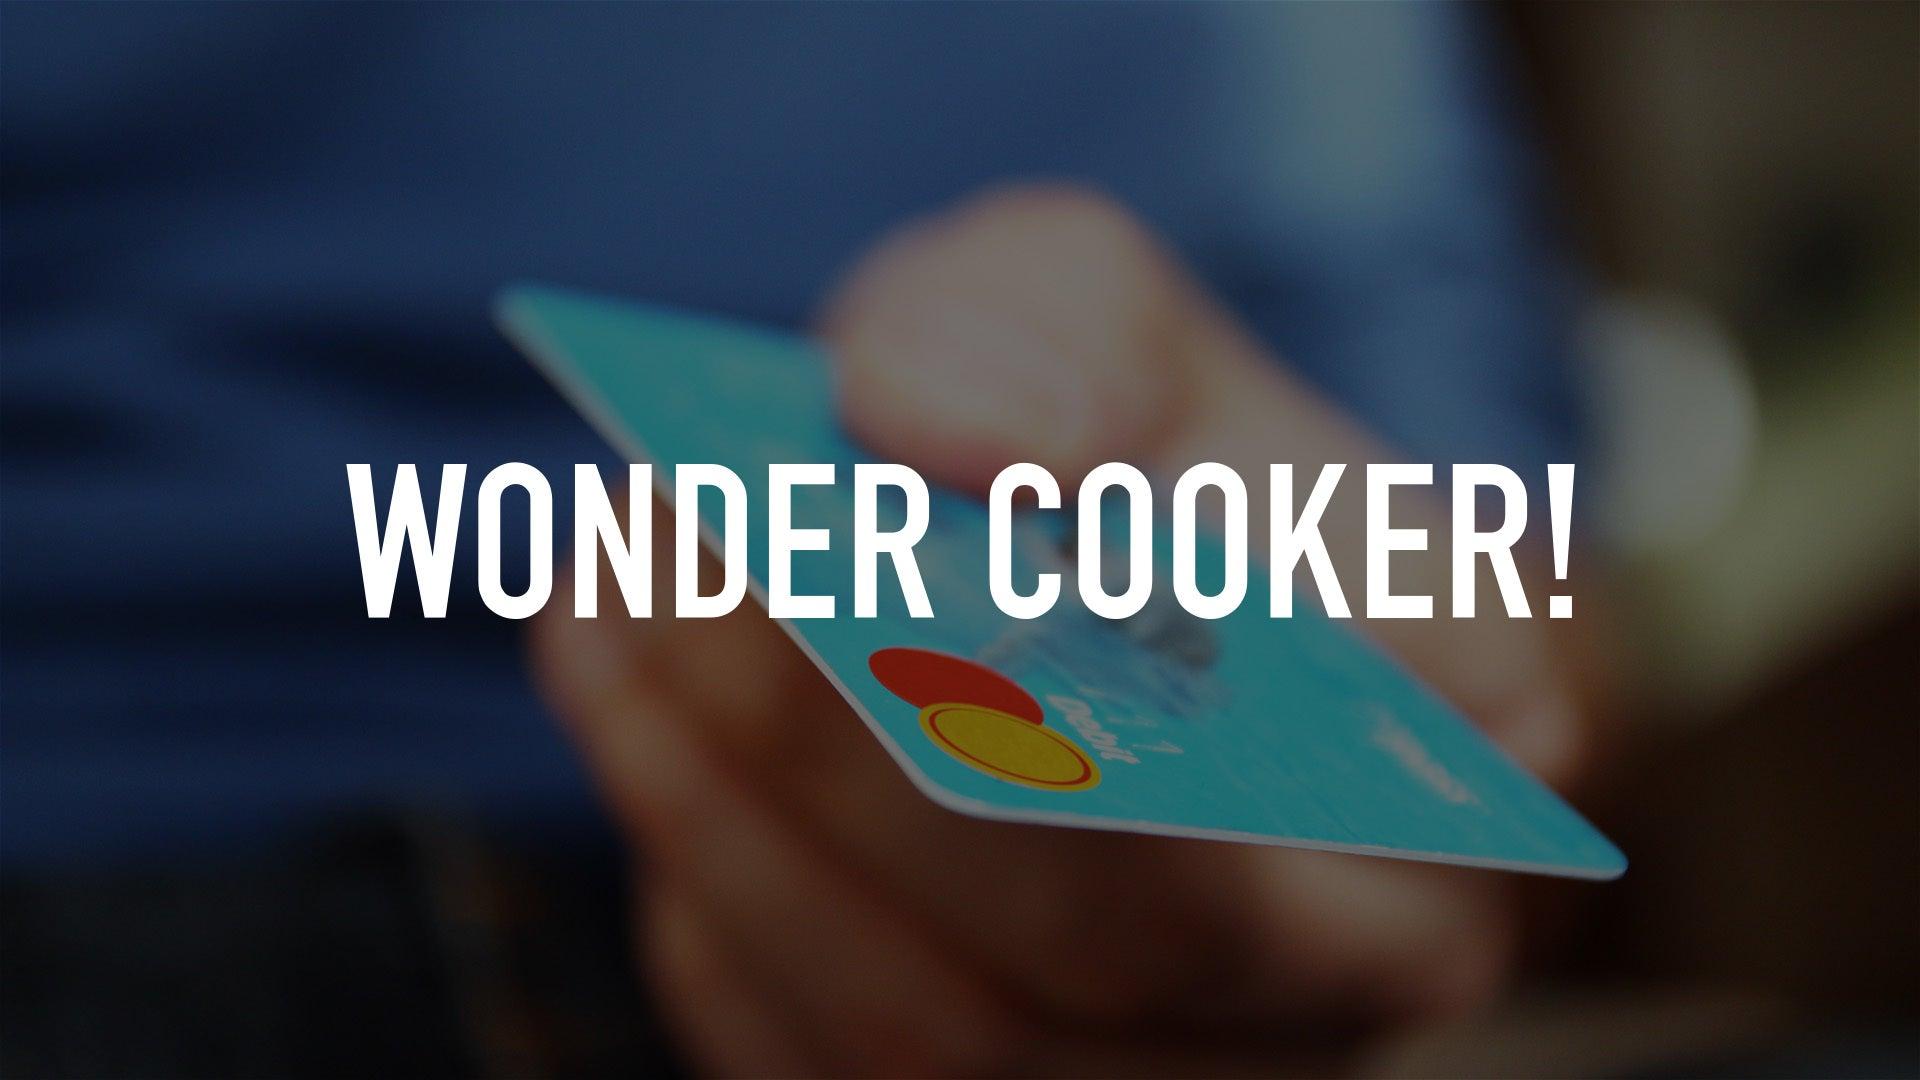 Wonder Cooker!